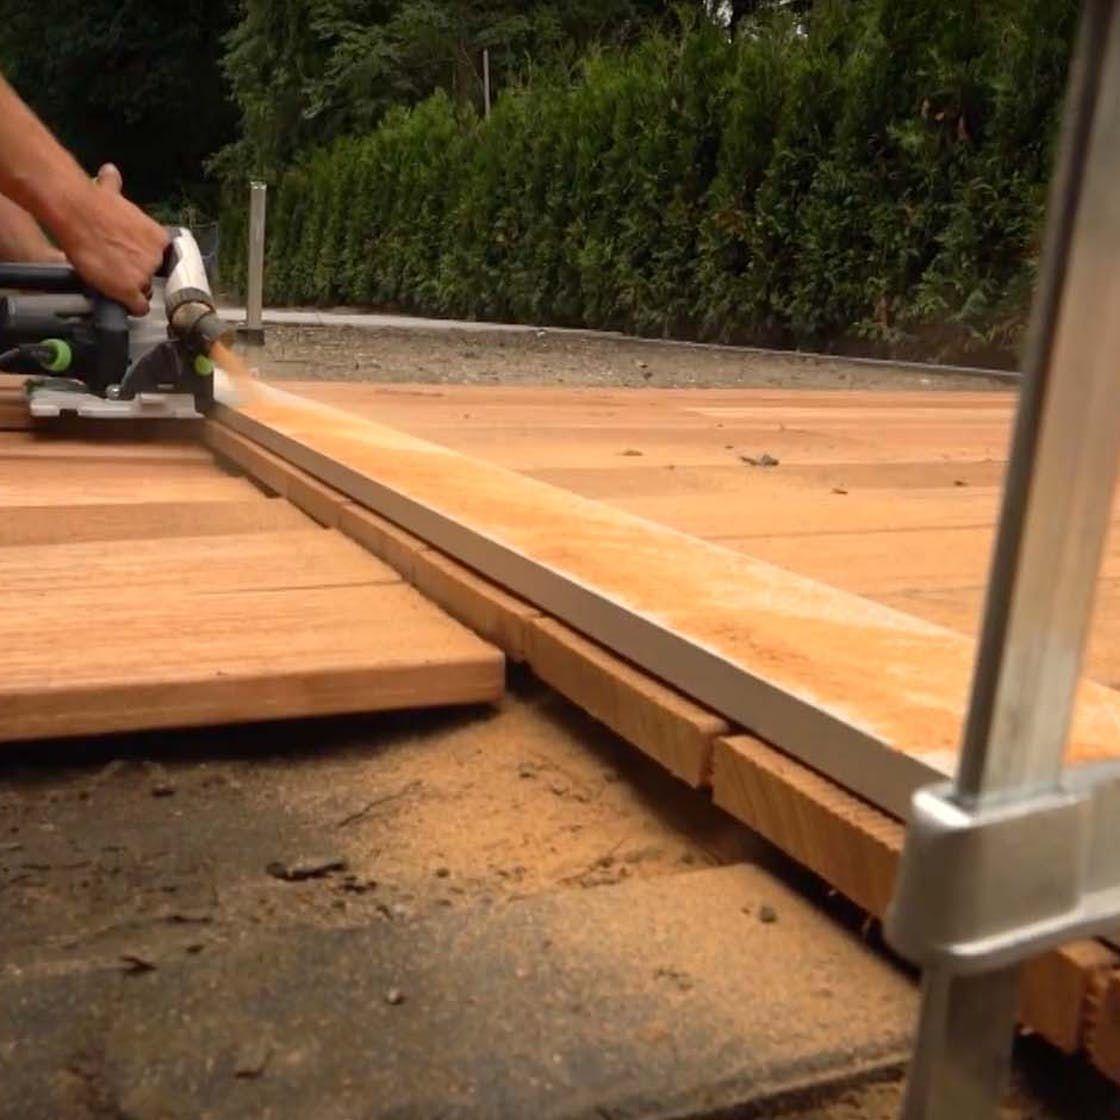 Holzterrasse bauen Schritt für Schritt Holzterrasse